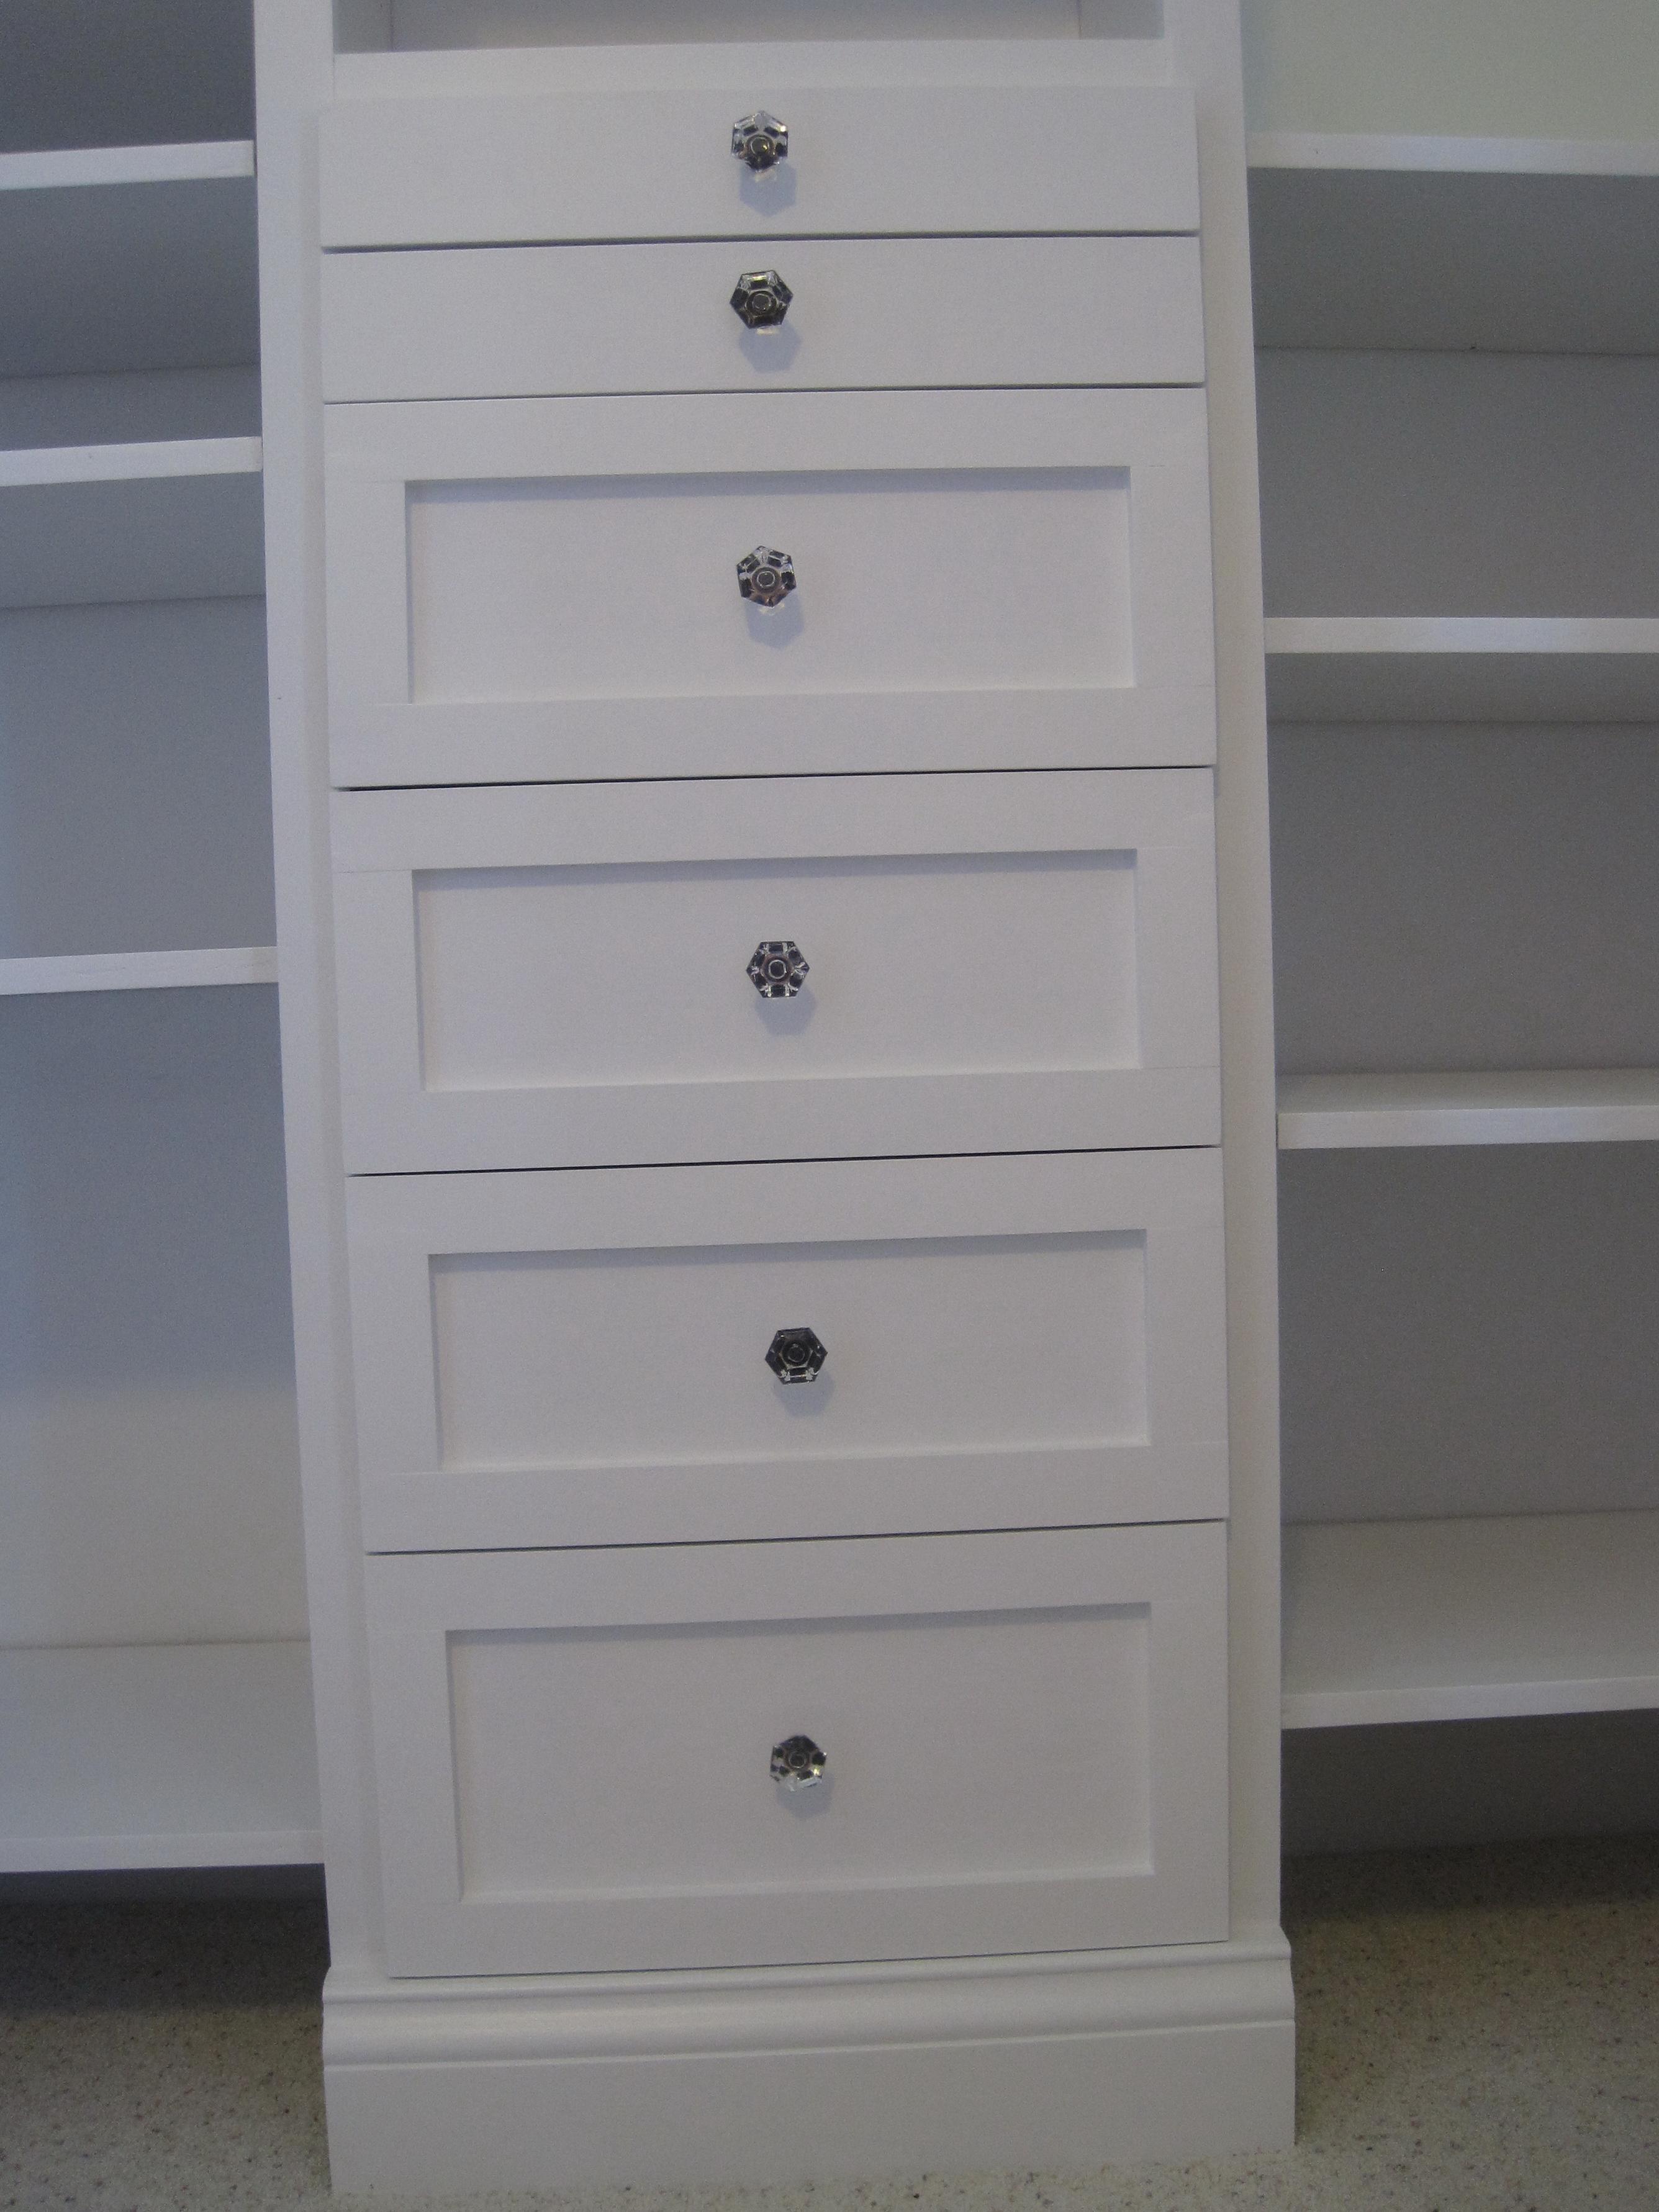 6 Drawer Closet Organizer Home Design Ideas